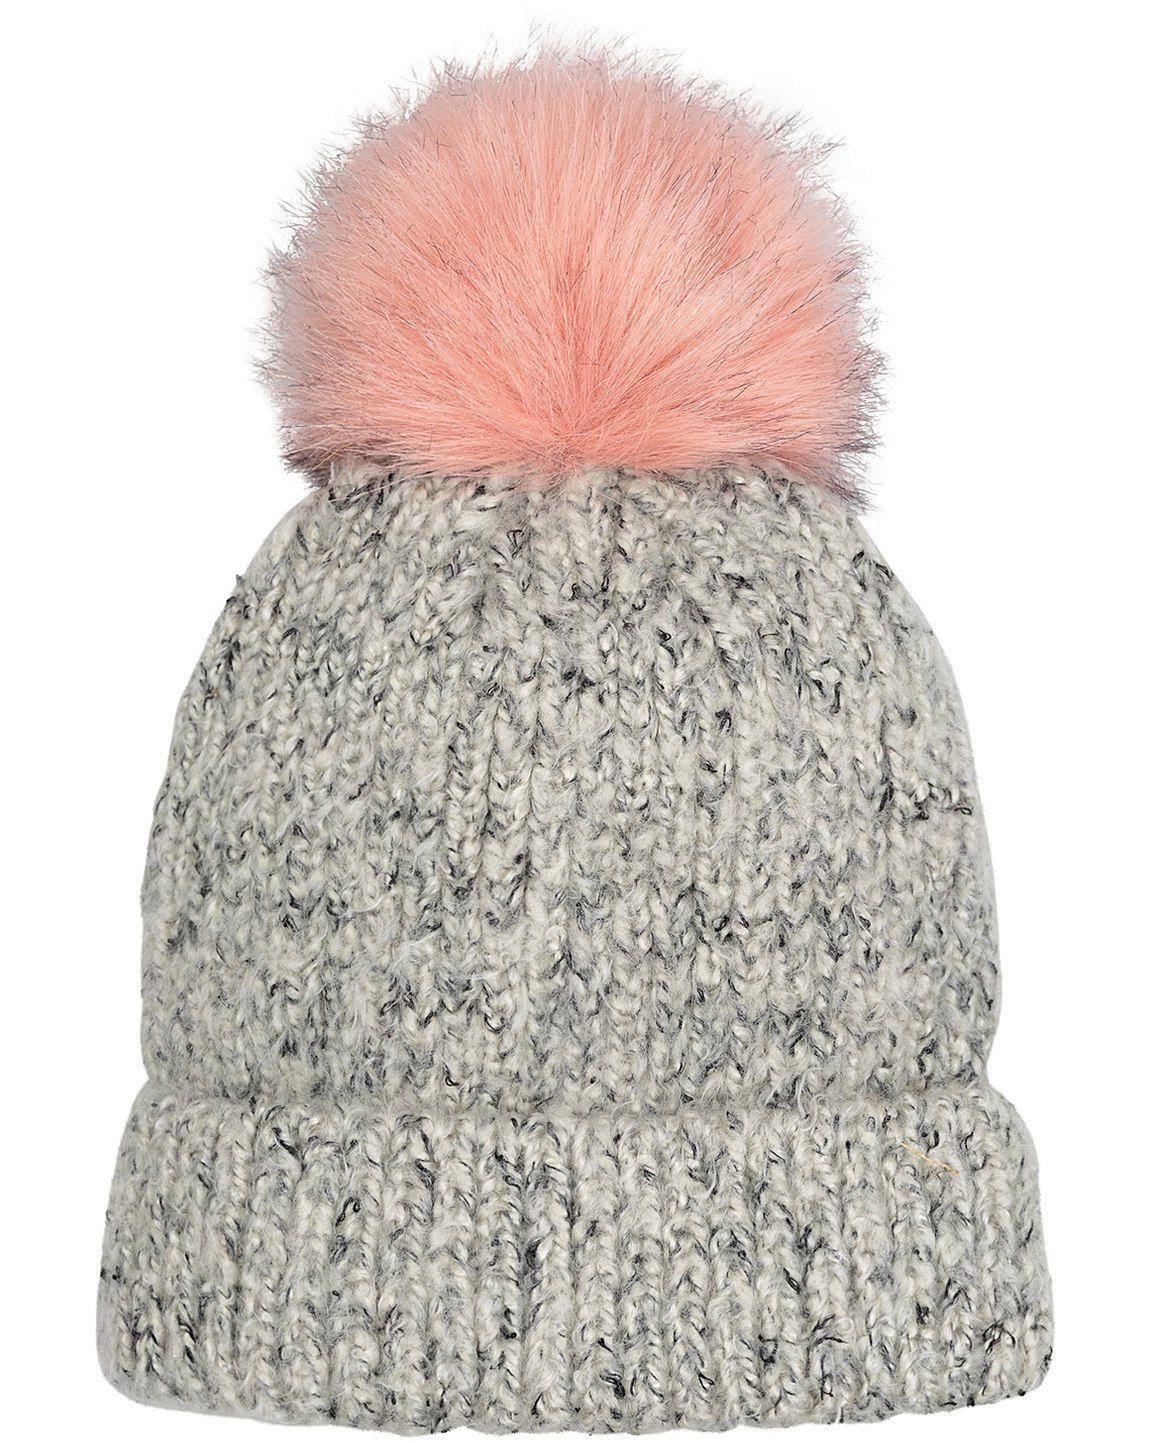 83633af38 Salt & Pepper Faux Fur Pom Beanie Hat | Oliver Bonas | BBY GIRLZ ...